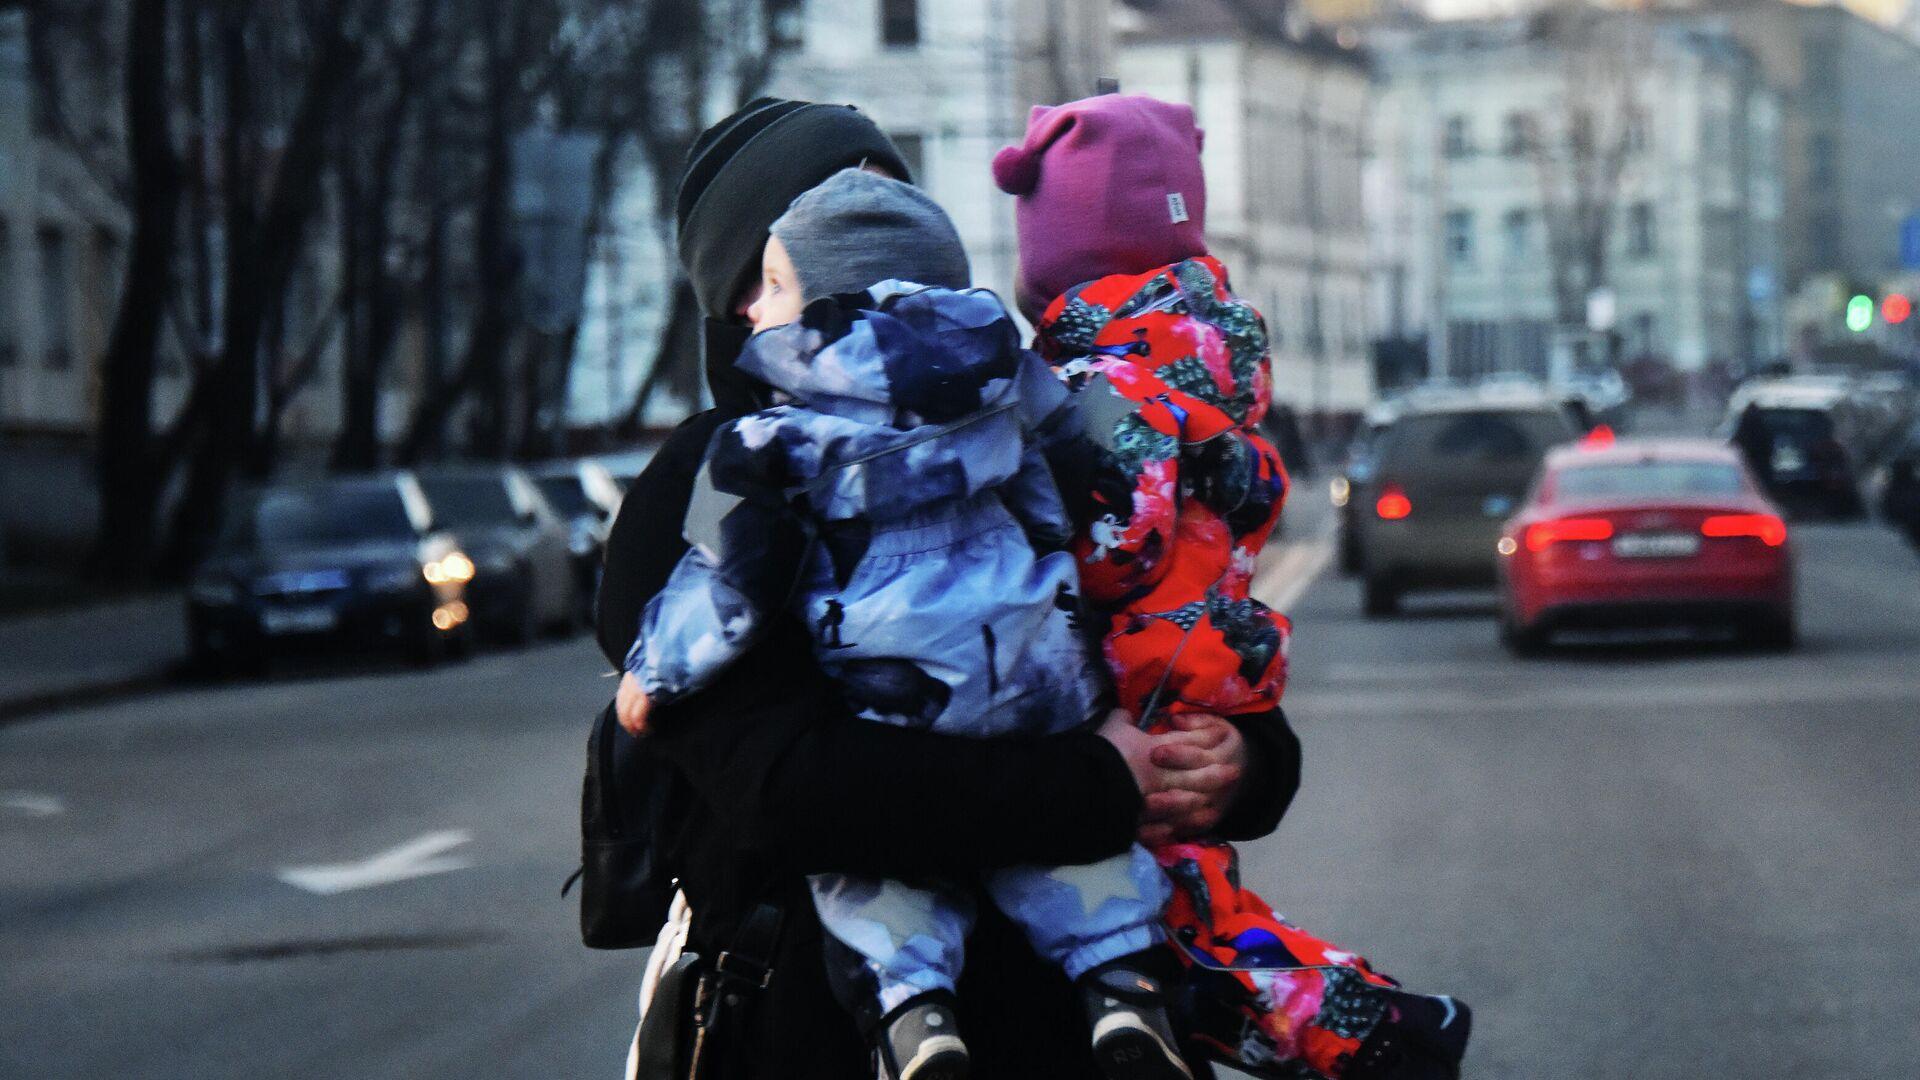 Женщина с двумя детьми на руках переходит дорогу. - РИА Новости, 1920, 25.09.2020